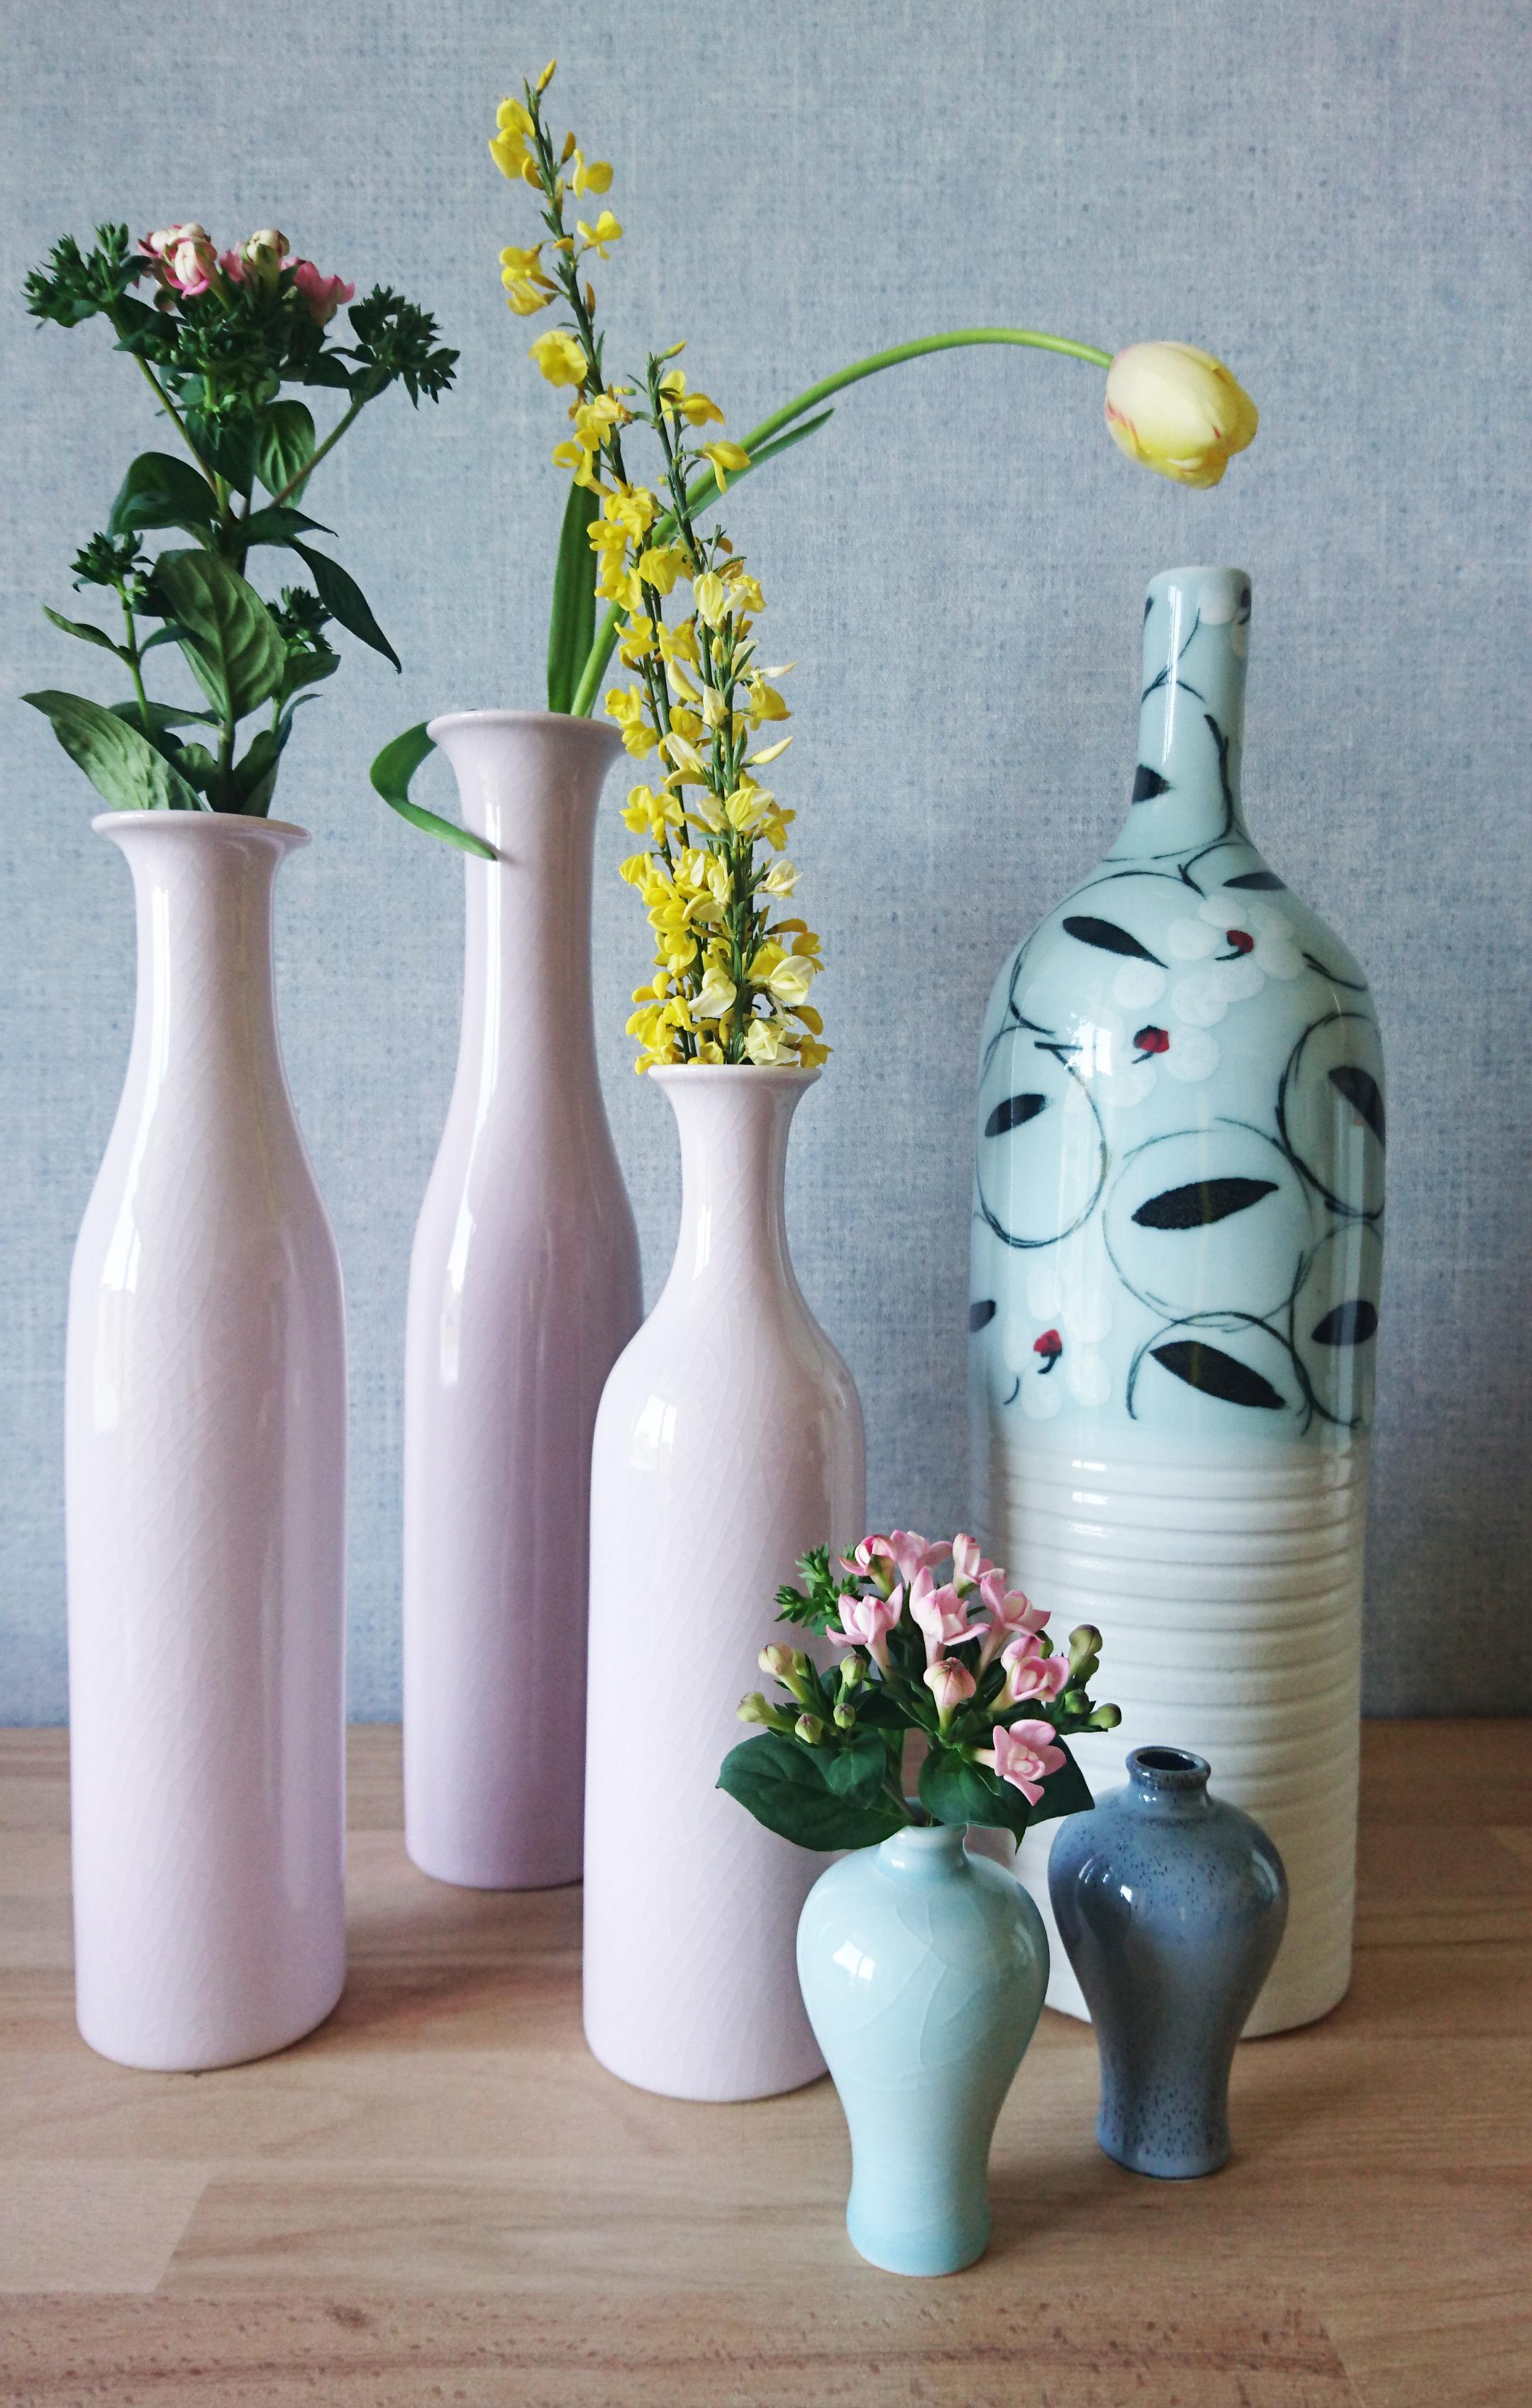 Porcelaine fait-main chine décoration asie élégance chic curiosité